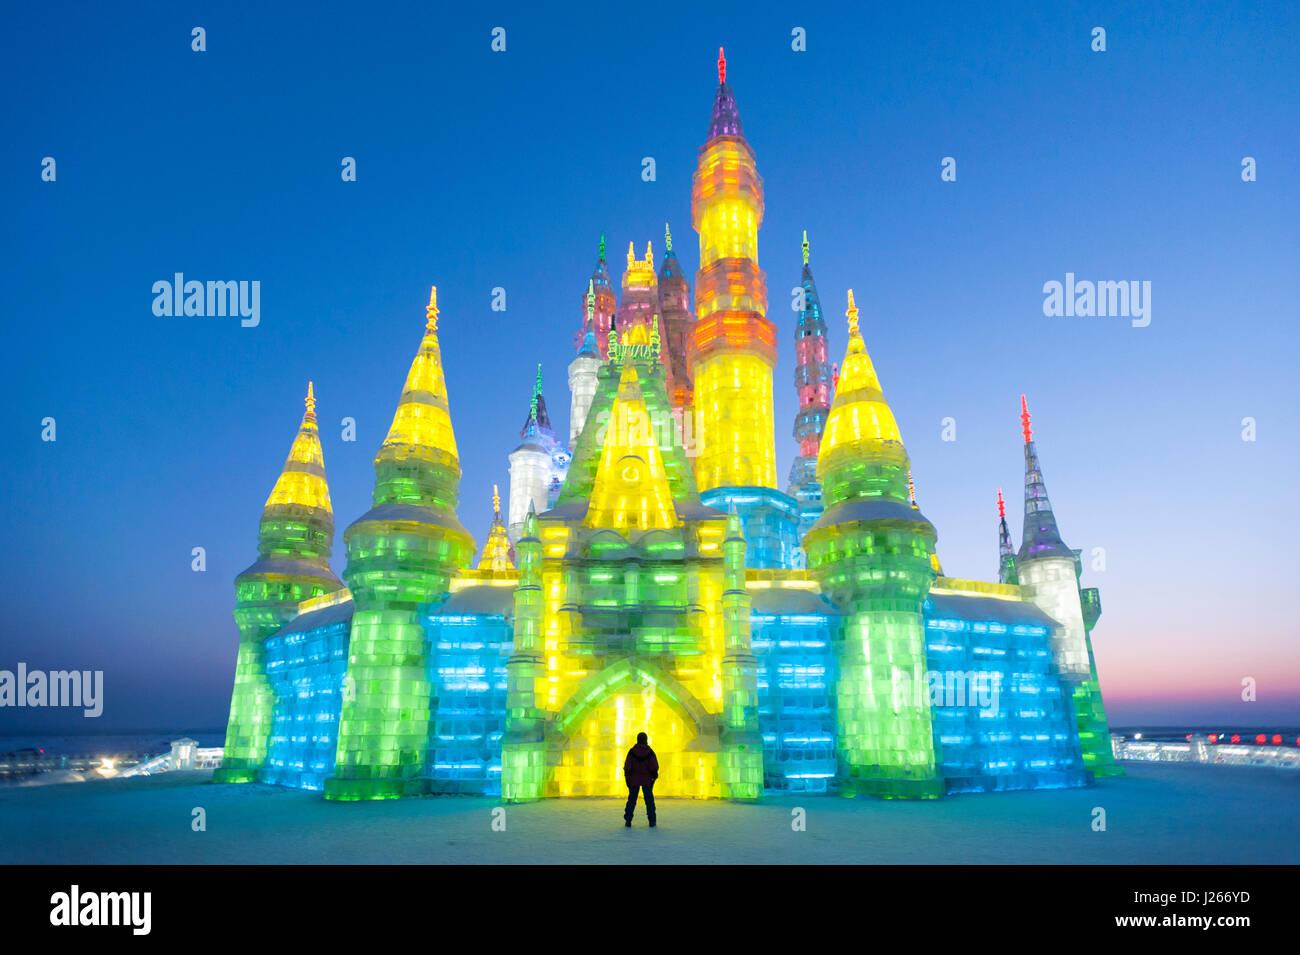 Sculpture de Glace éclairé de château à glace annuelle Festival à Harbin Chine Photo Stock